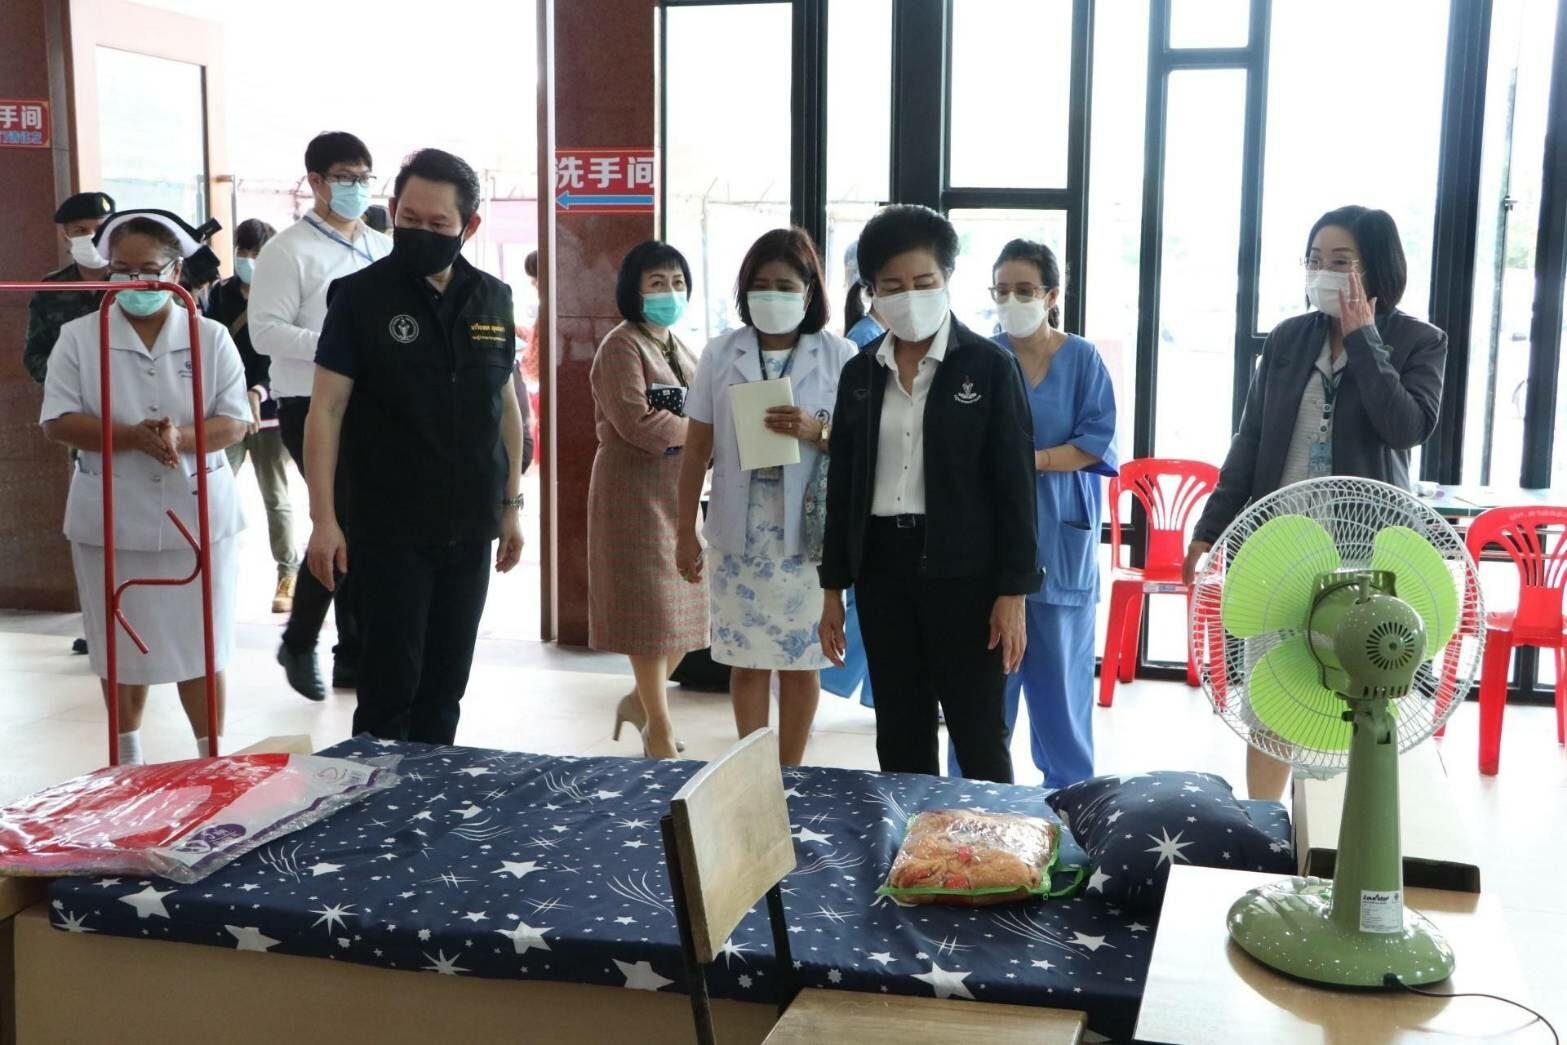 กทม.ตรวจความพร้อมศูนย์พักคอยฯย่านลาดกระบัง รับผู้ติดเชื้อโควิดโซนกรุงเทพตะวันออก